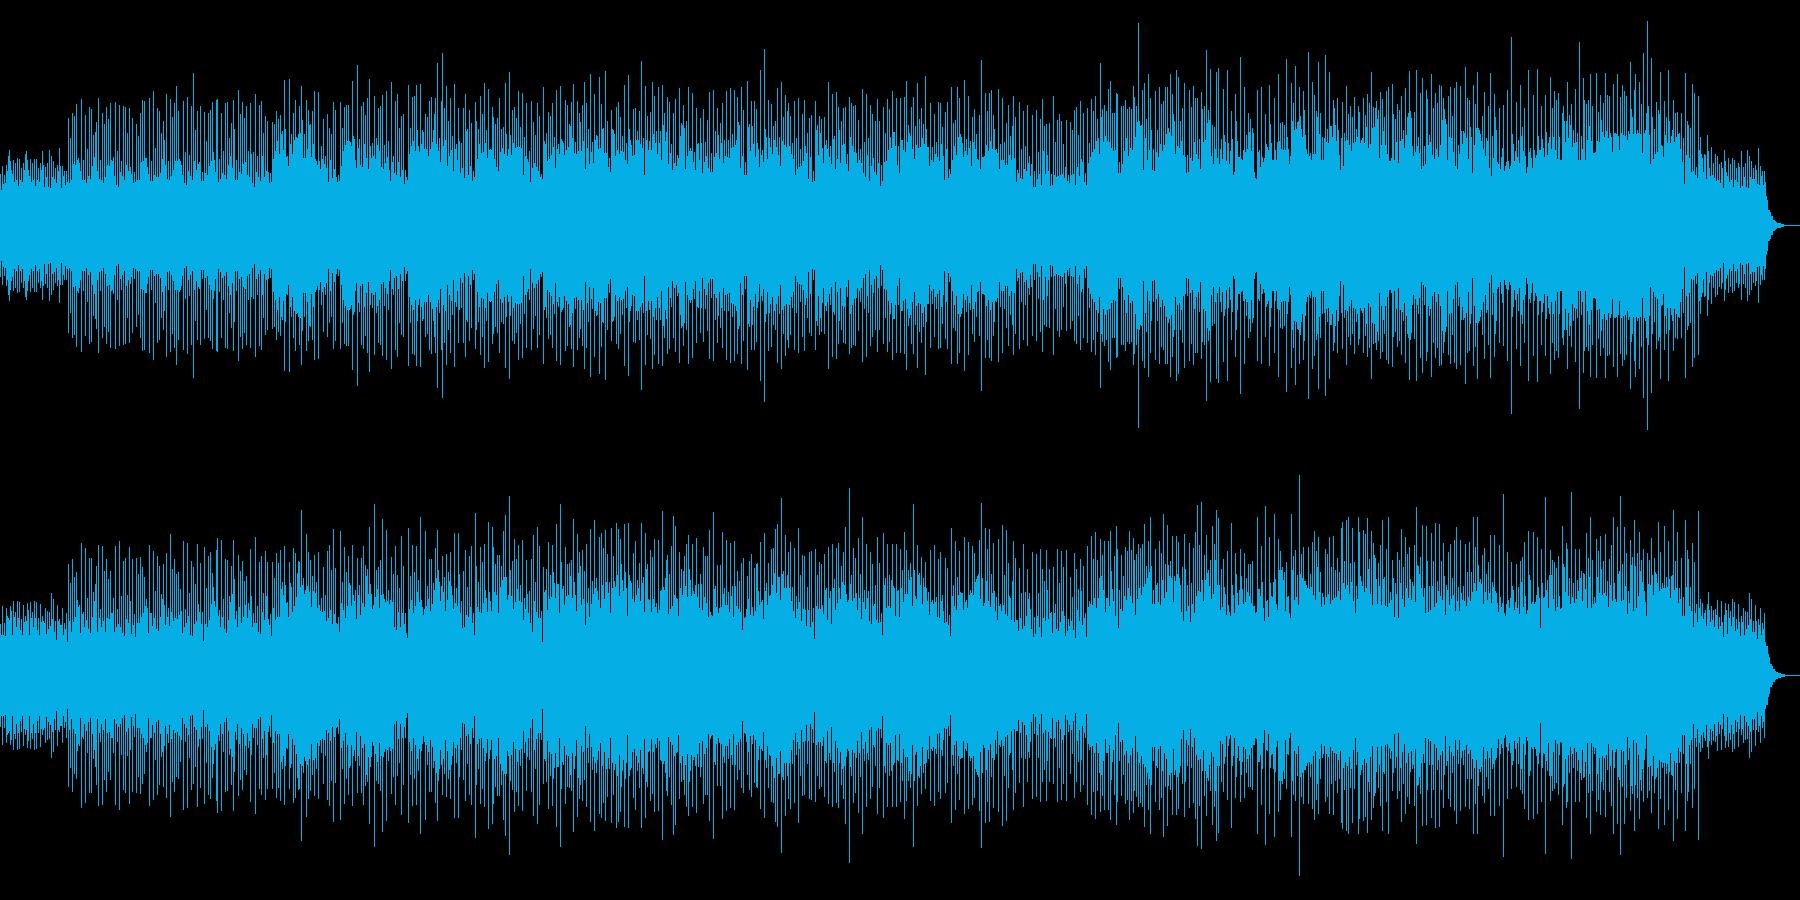 高音質♪ドラマ舞台用キラリ光るシーンの再生済みの波形